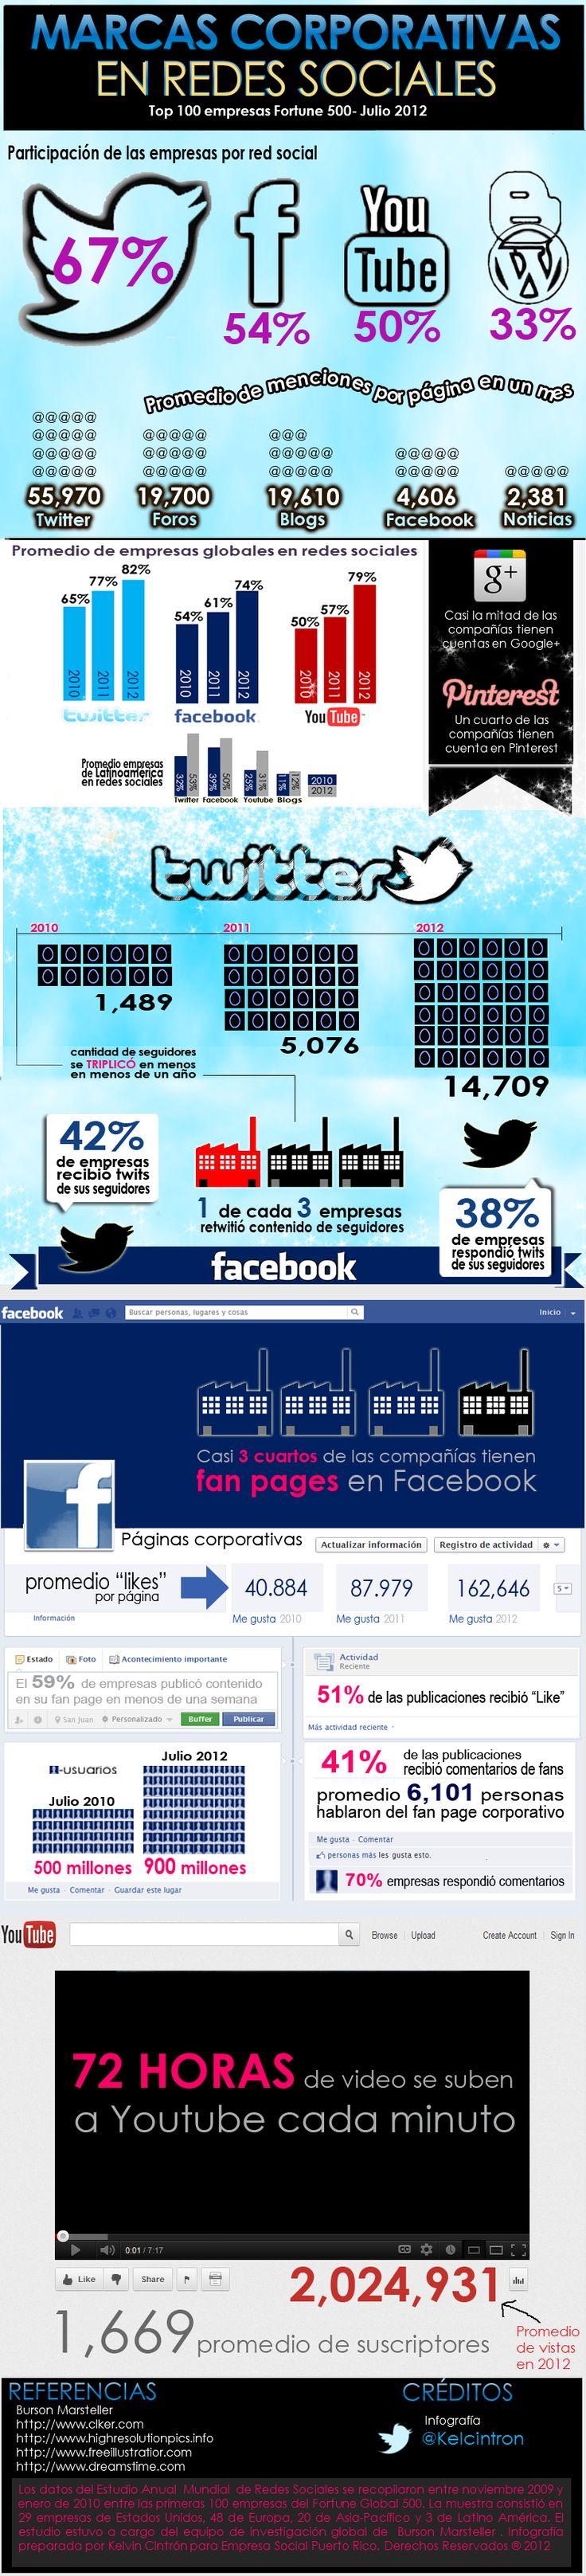 Infografía en español que muestra las marcas corporativas en Redes Sociales (Fortune 500)